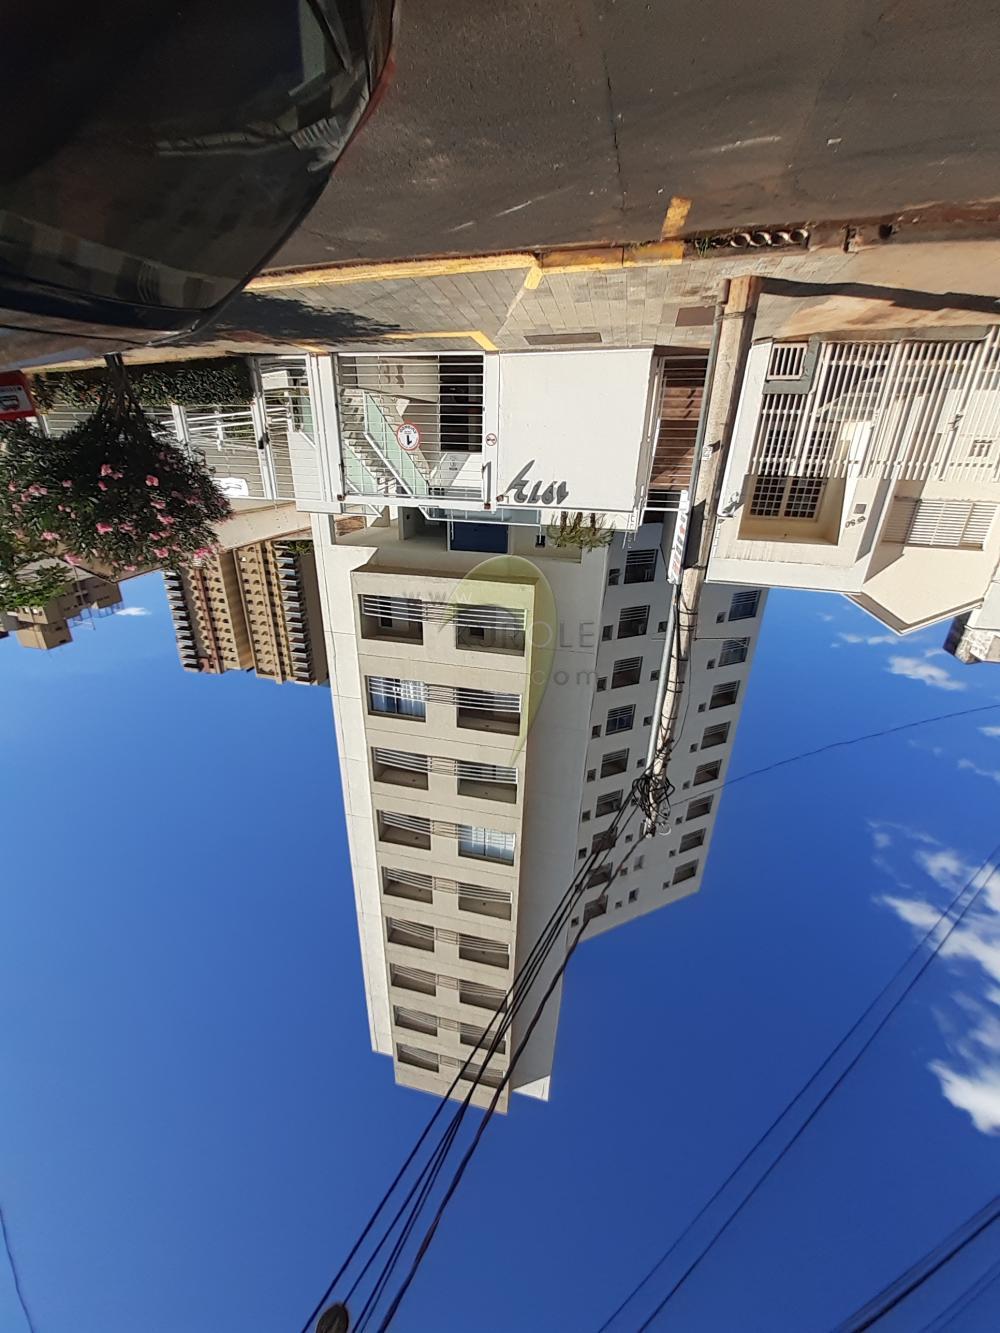 alt='Alugar Apartamento / Cobertura em Ribeirão Preto R$ 11,00 - Foto 56' title='Alugar Apartamento / Cobertura em Ribeirão Preto R$ 11,00 - Foto 56'